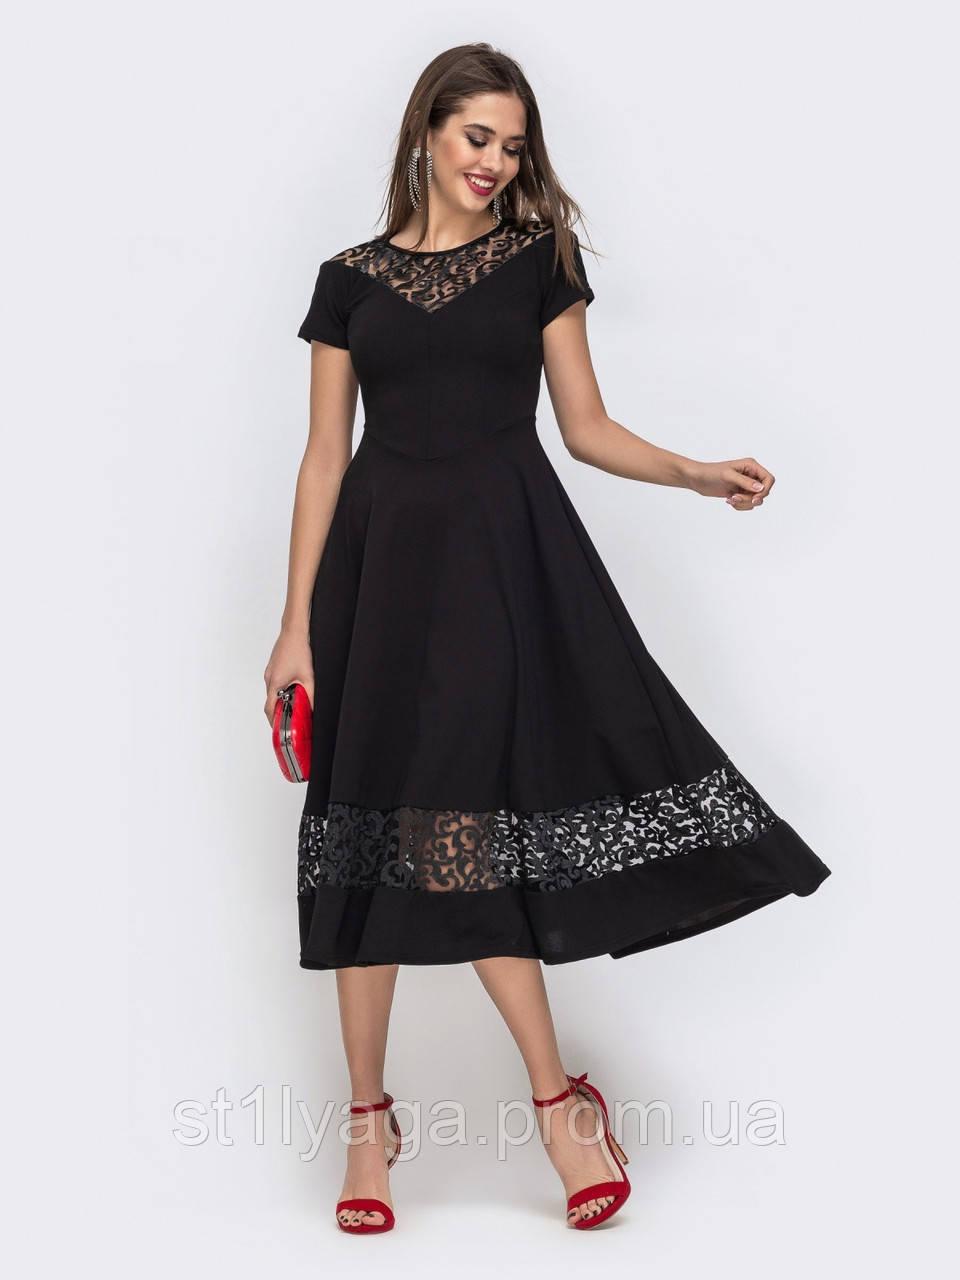 Элегантное платье-миди с коротким рукавом и отделкой из ажурного кружева